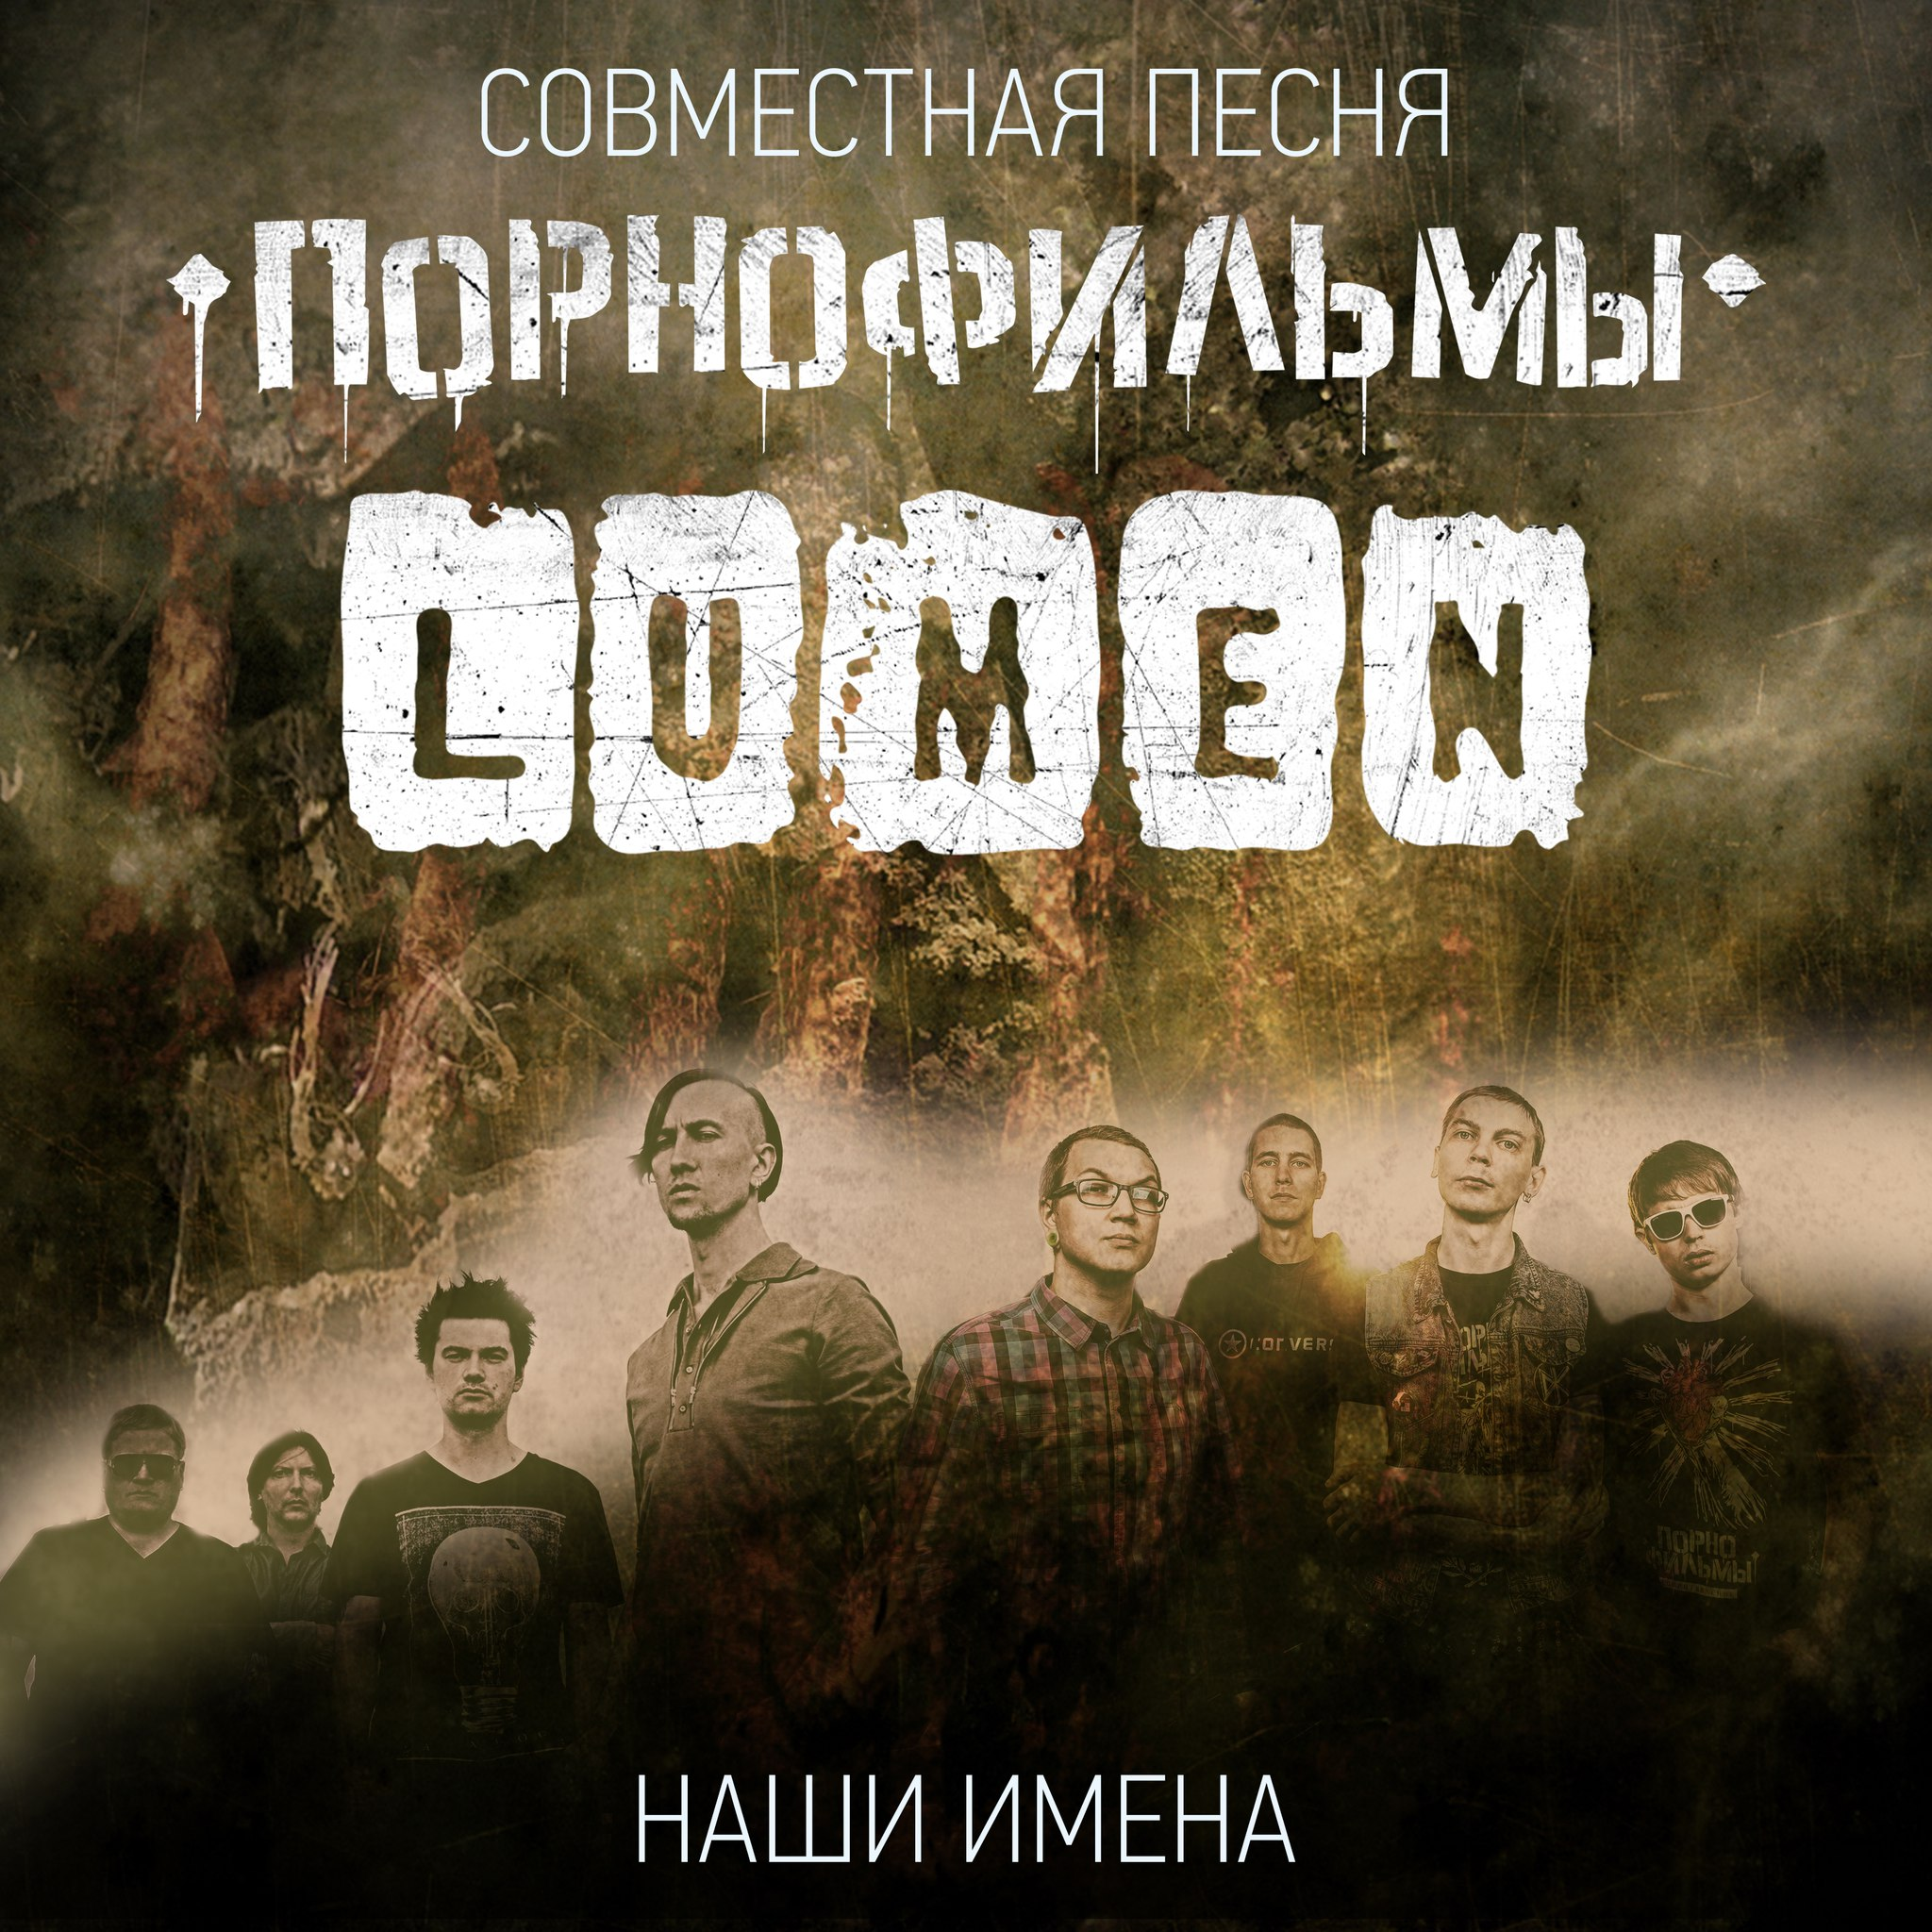 Lumen и Порнофильмы записали совместную песню